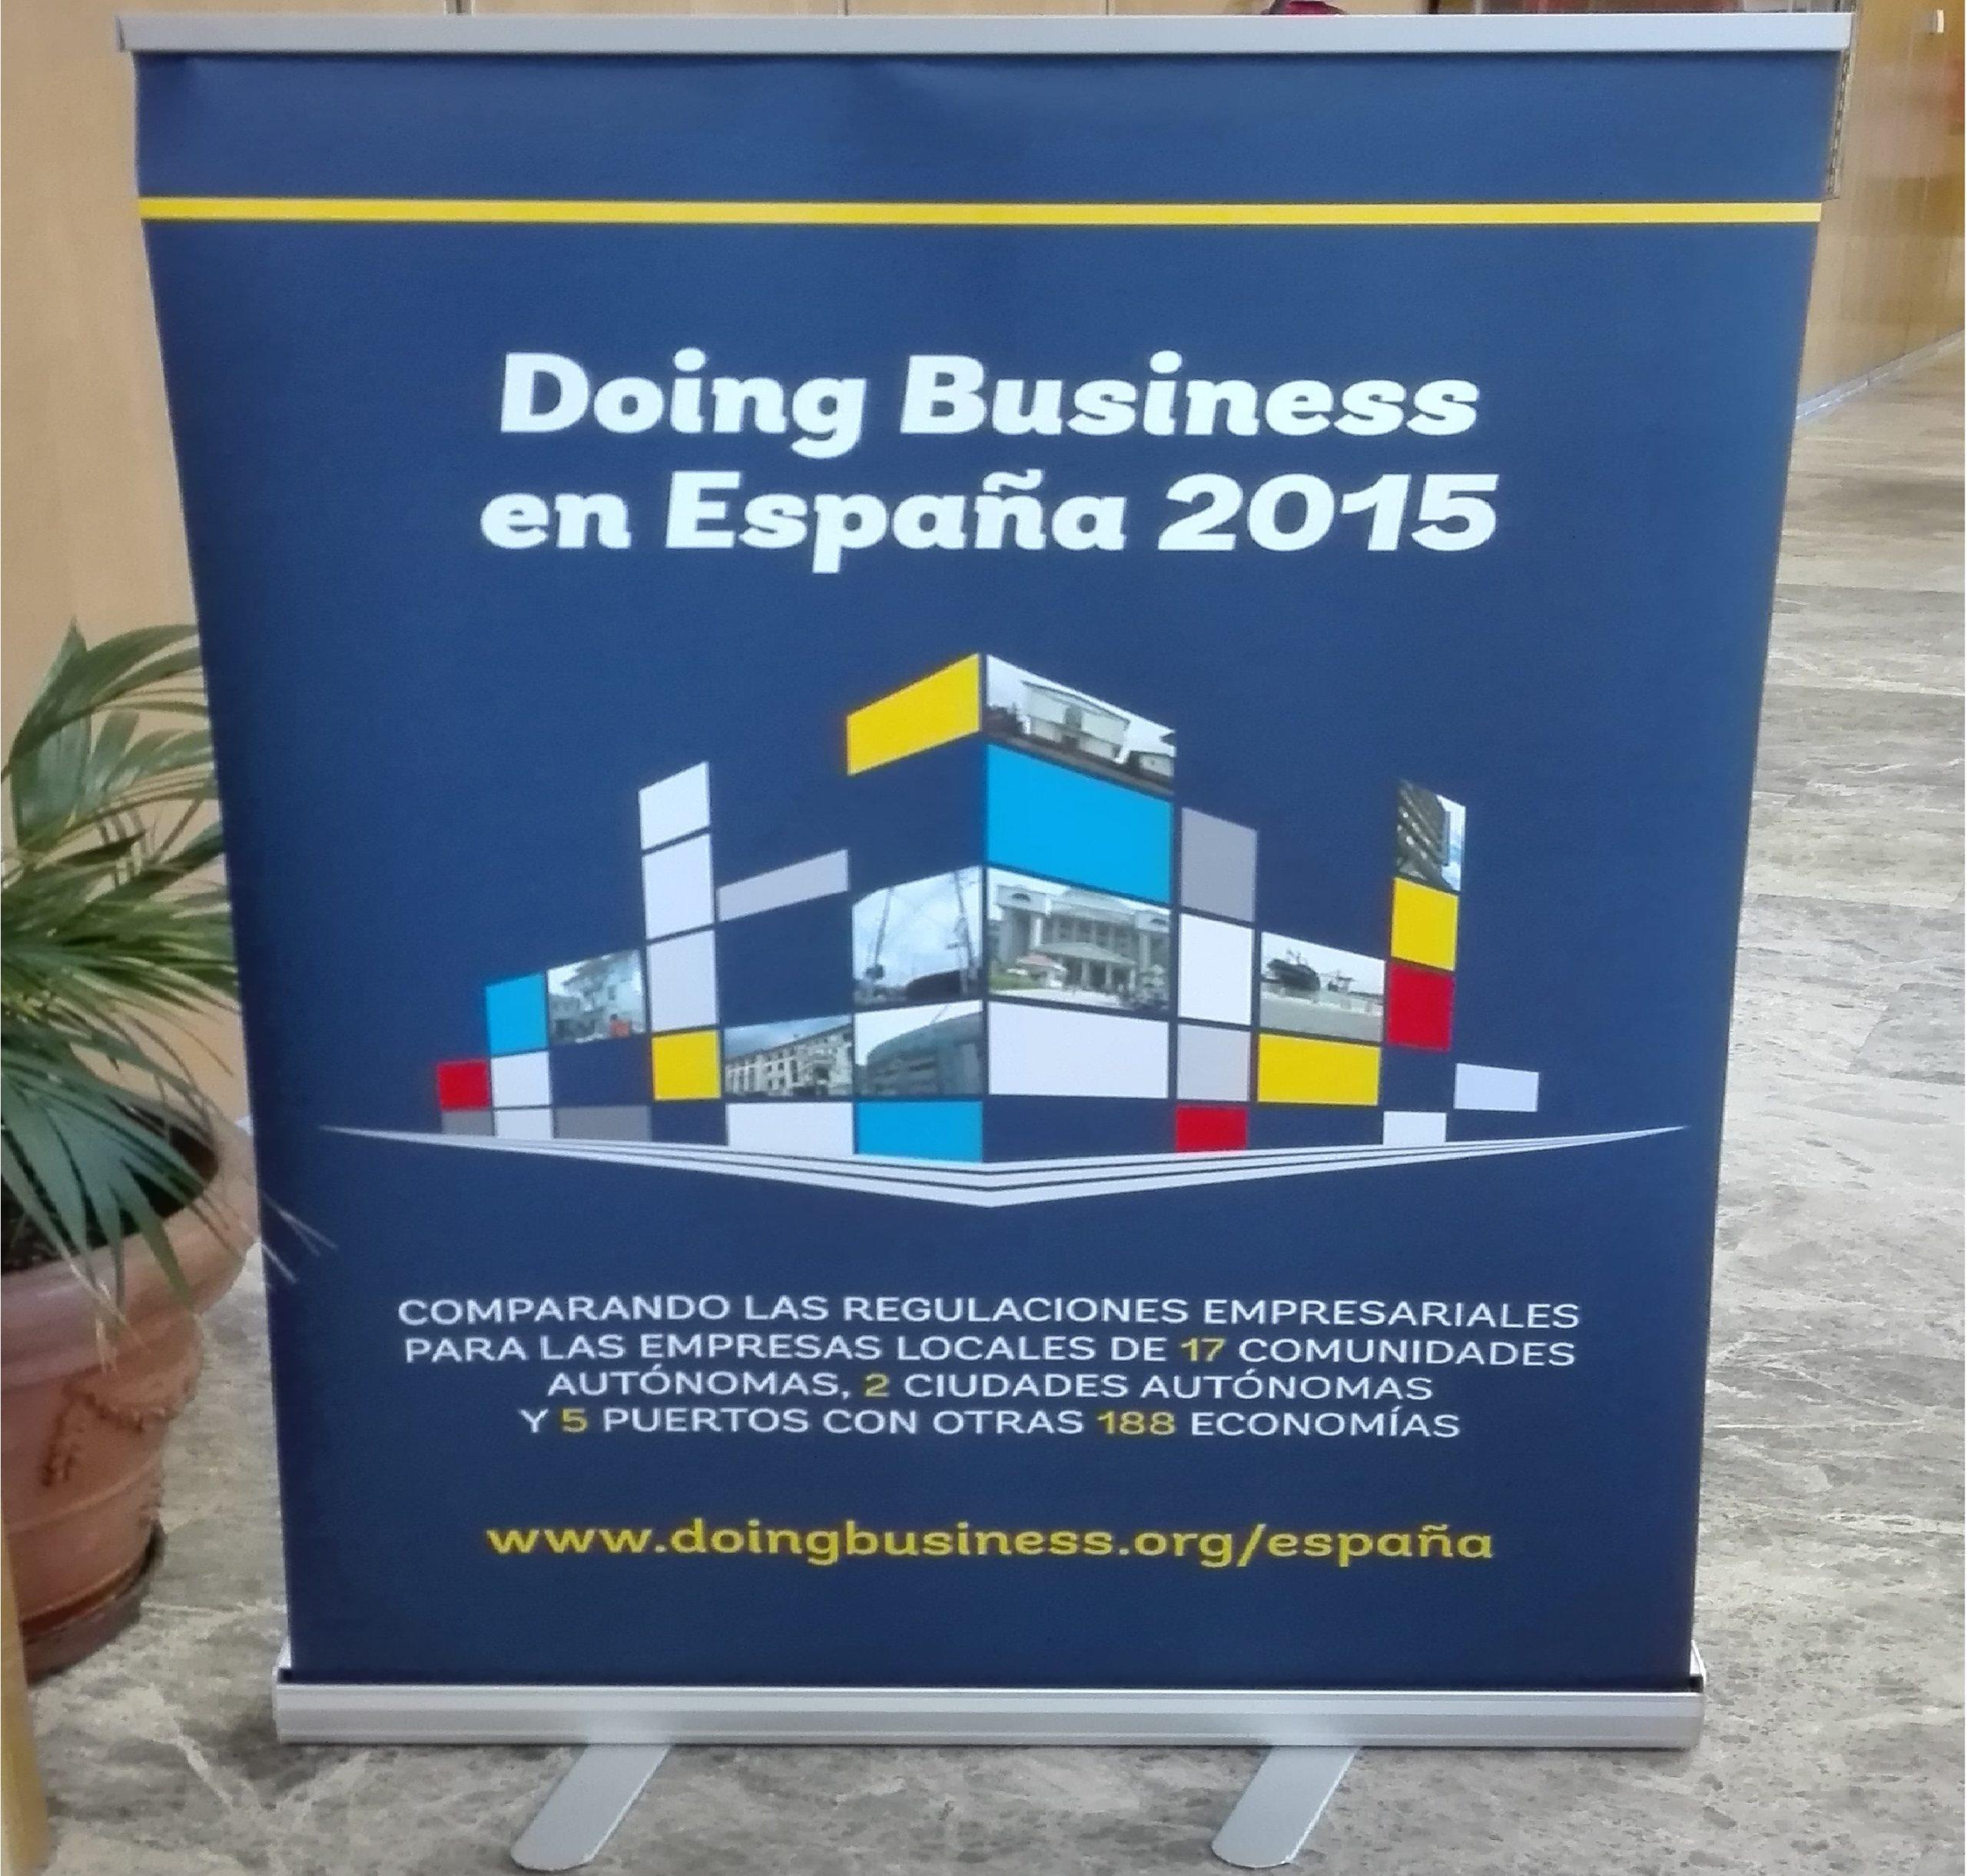 Doing Business en España